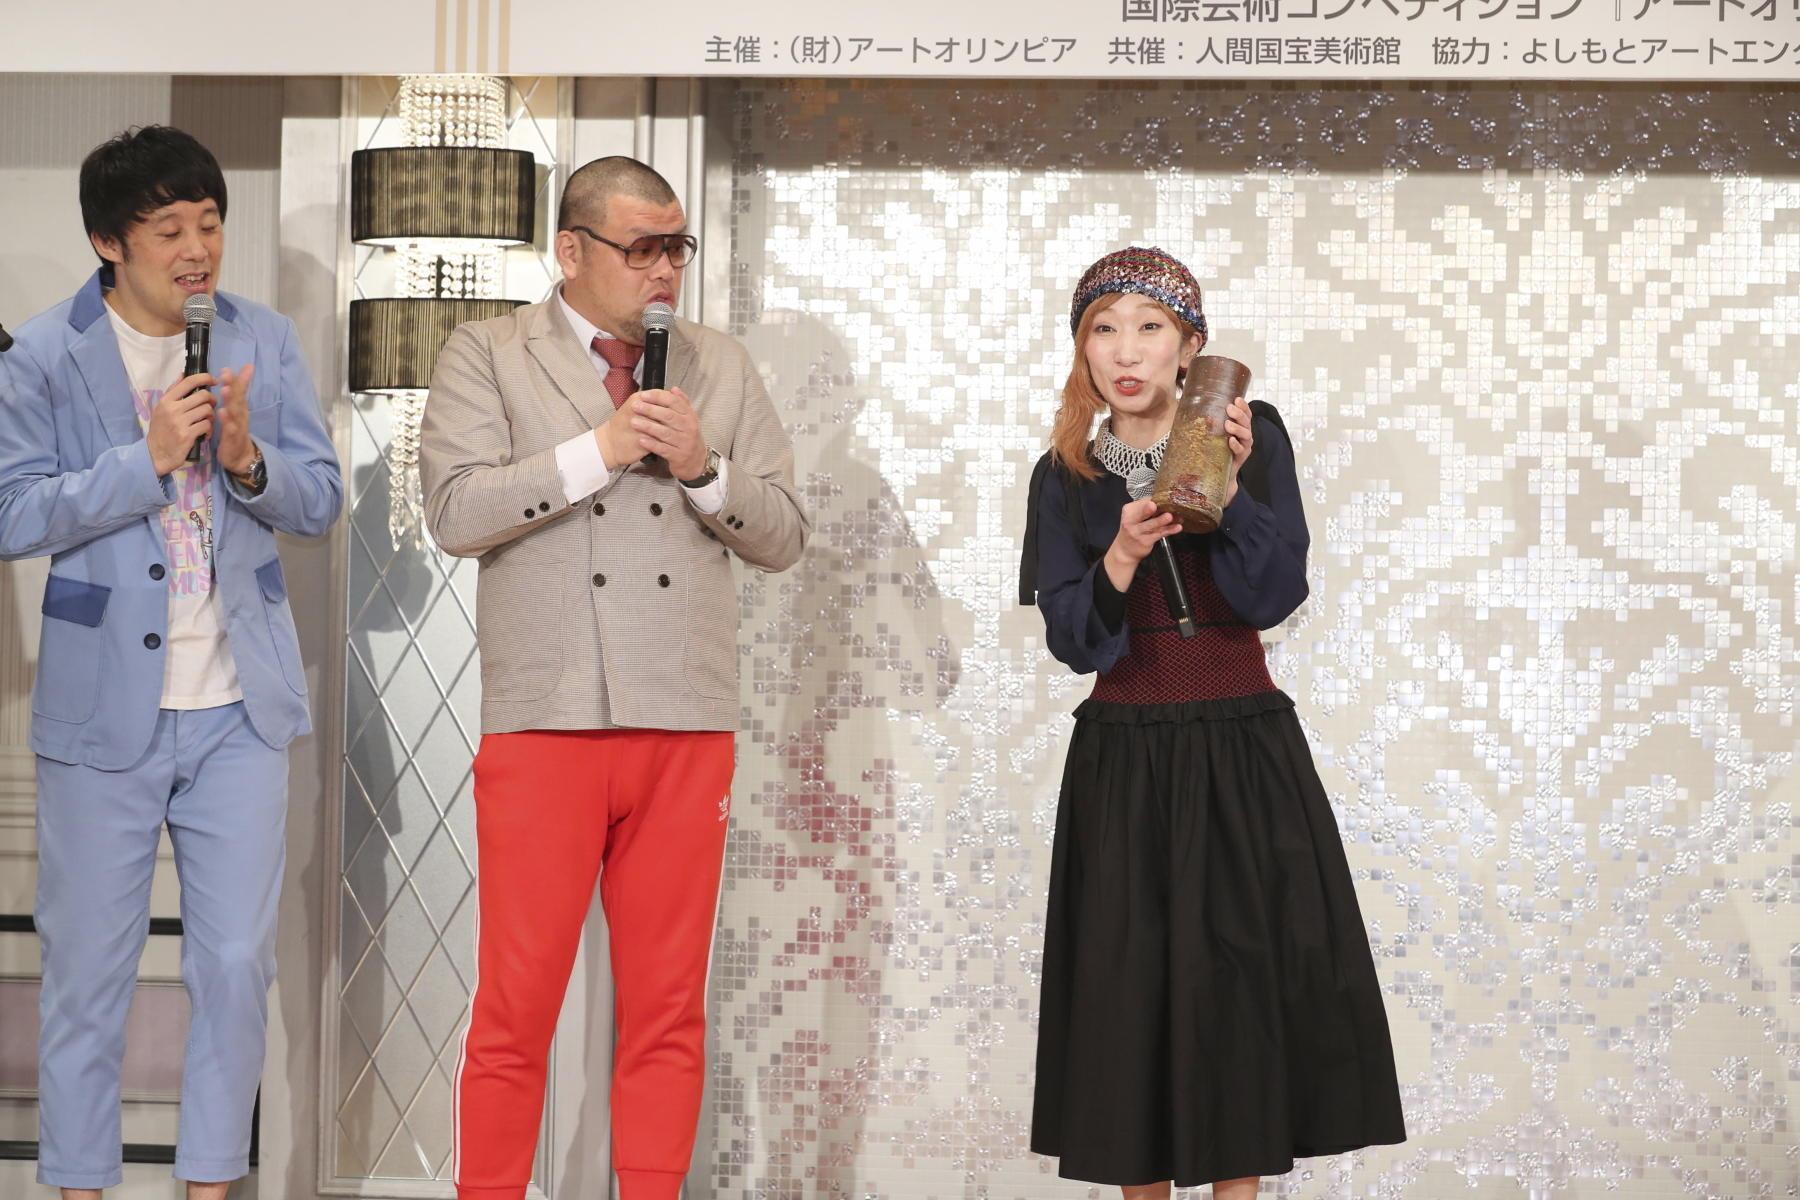 http://news.yoshimoto.co.jp/20181116153804-43a9716c271a7912fe04b4ad1c4037d9eec393bc.jpg